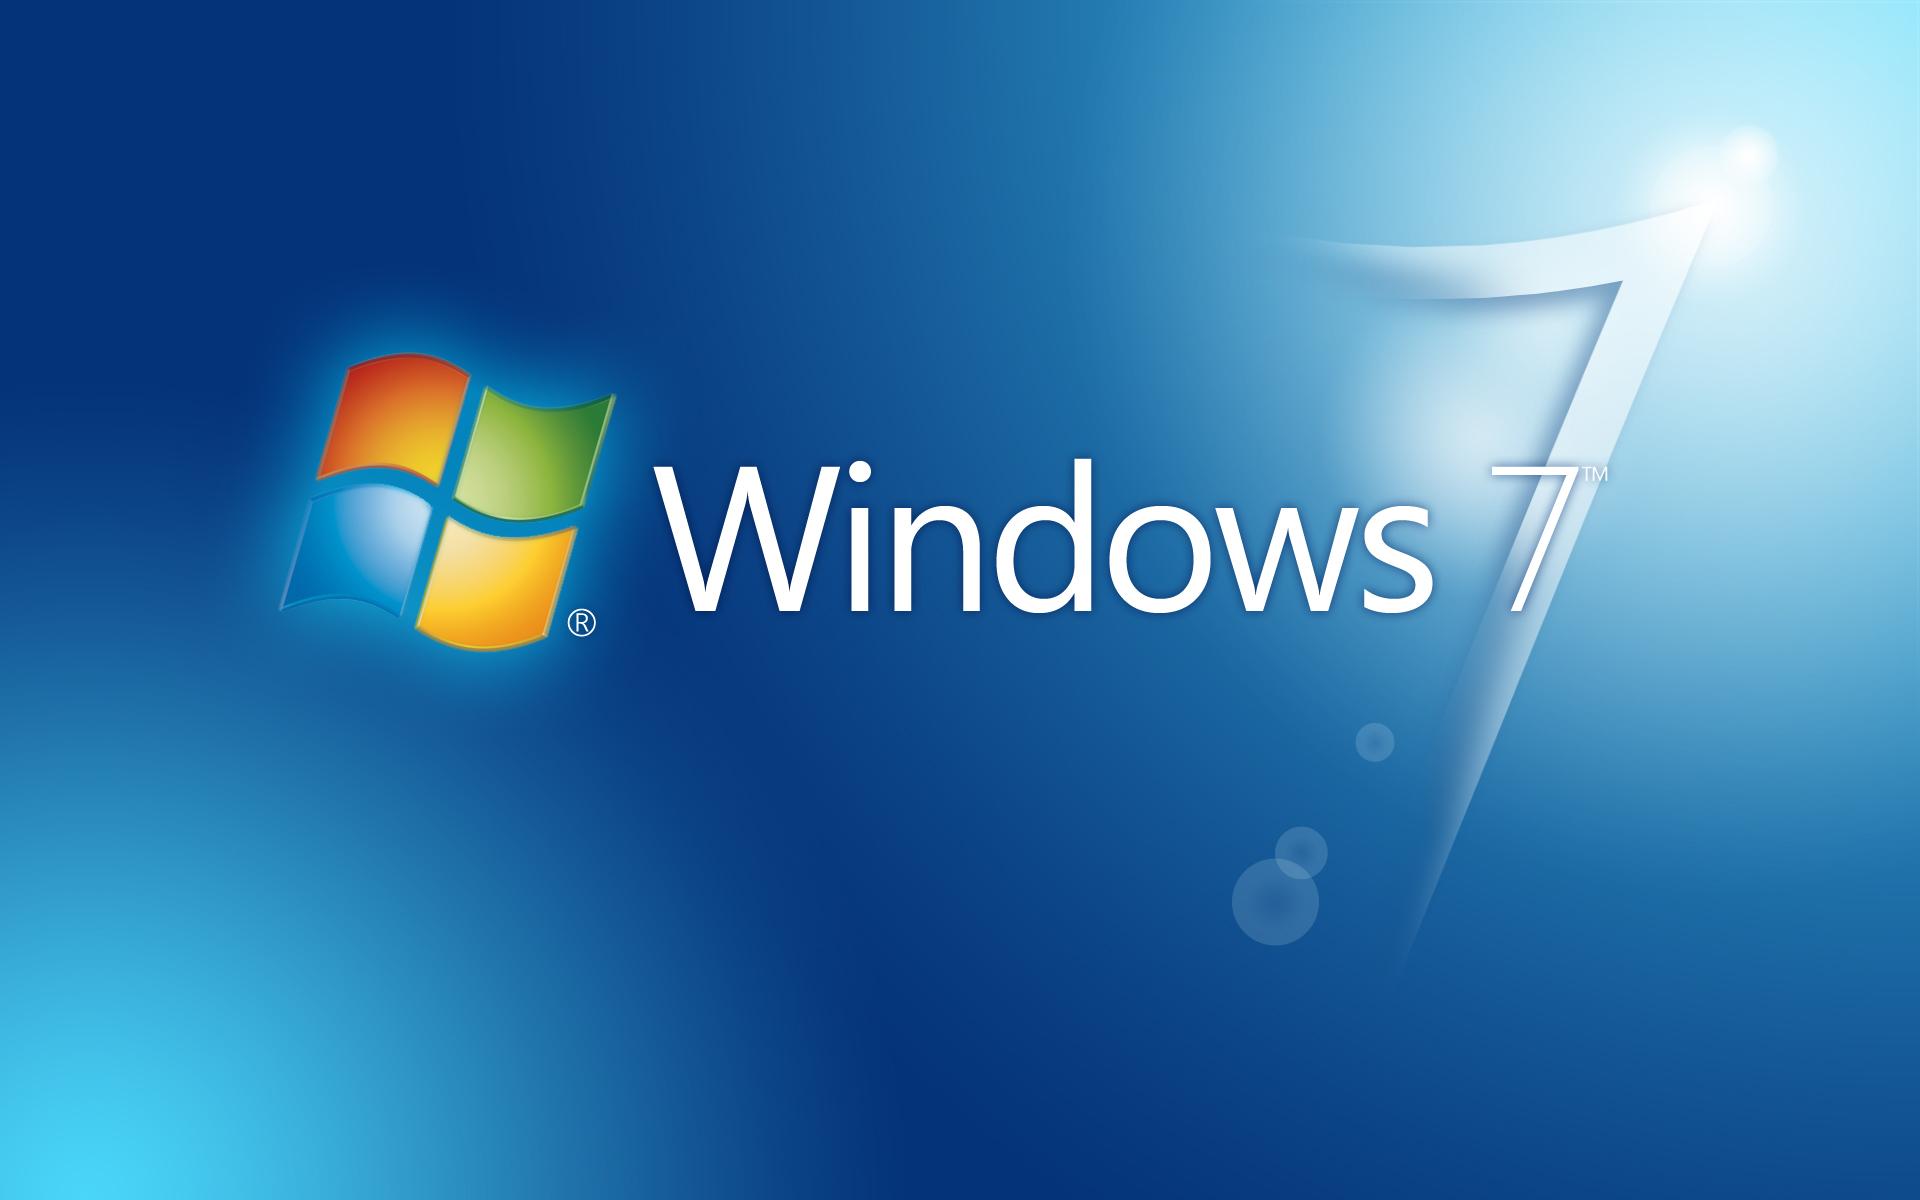 Поддержка операционной системы Windows7 вскоре будет прекращена